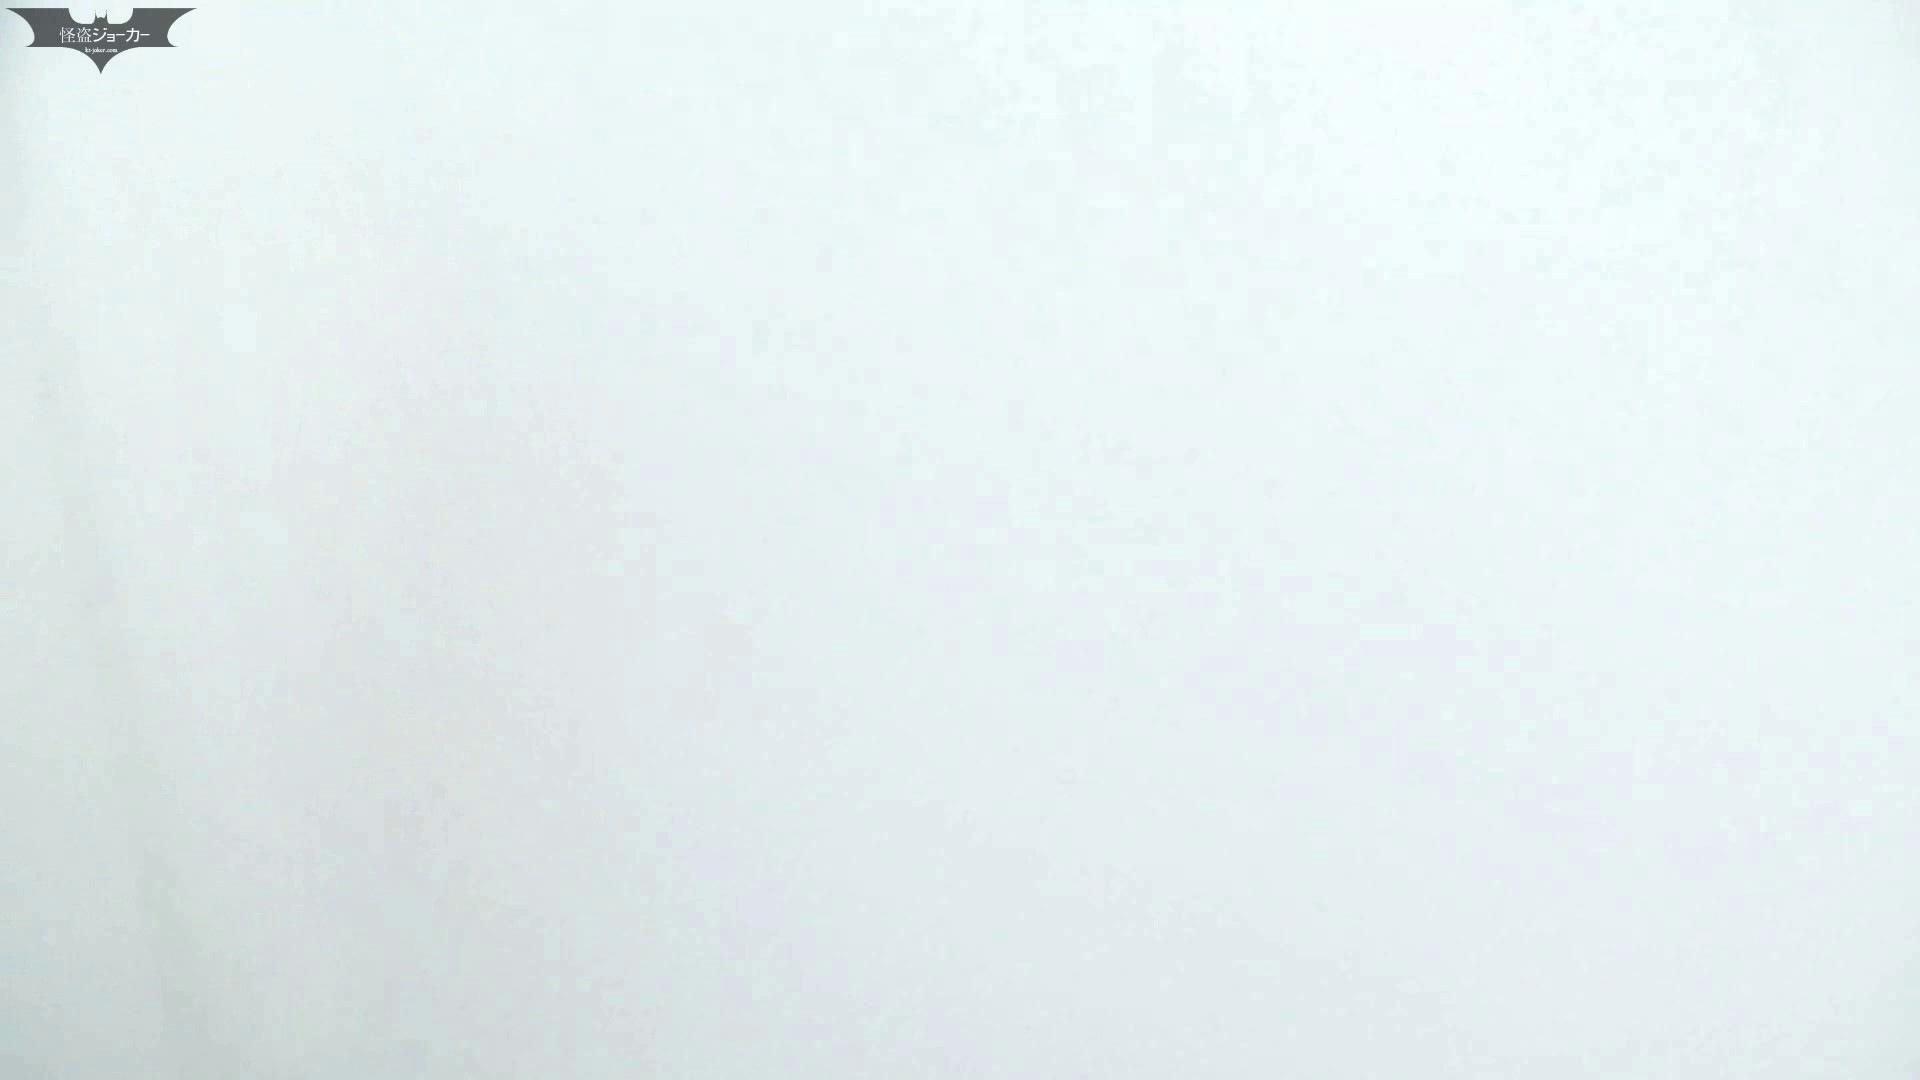 Vol.06 ピチピチが入室きめ細かくマッシュルームのような肌に癒される 高画質  70PIX 17